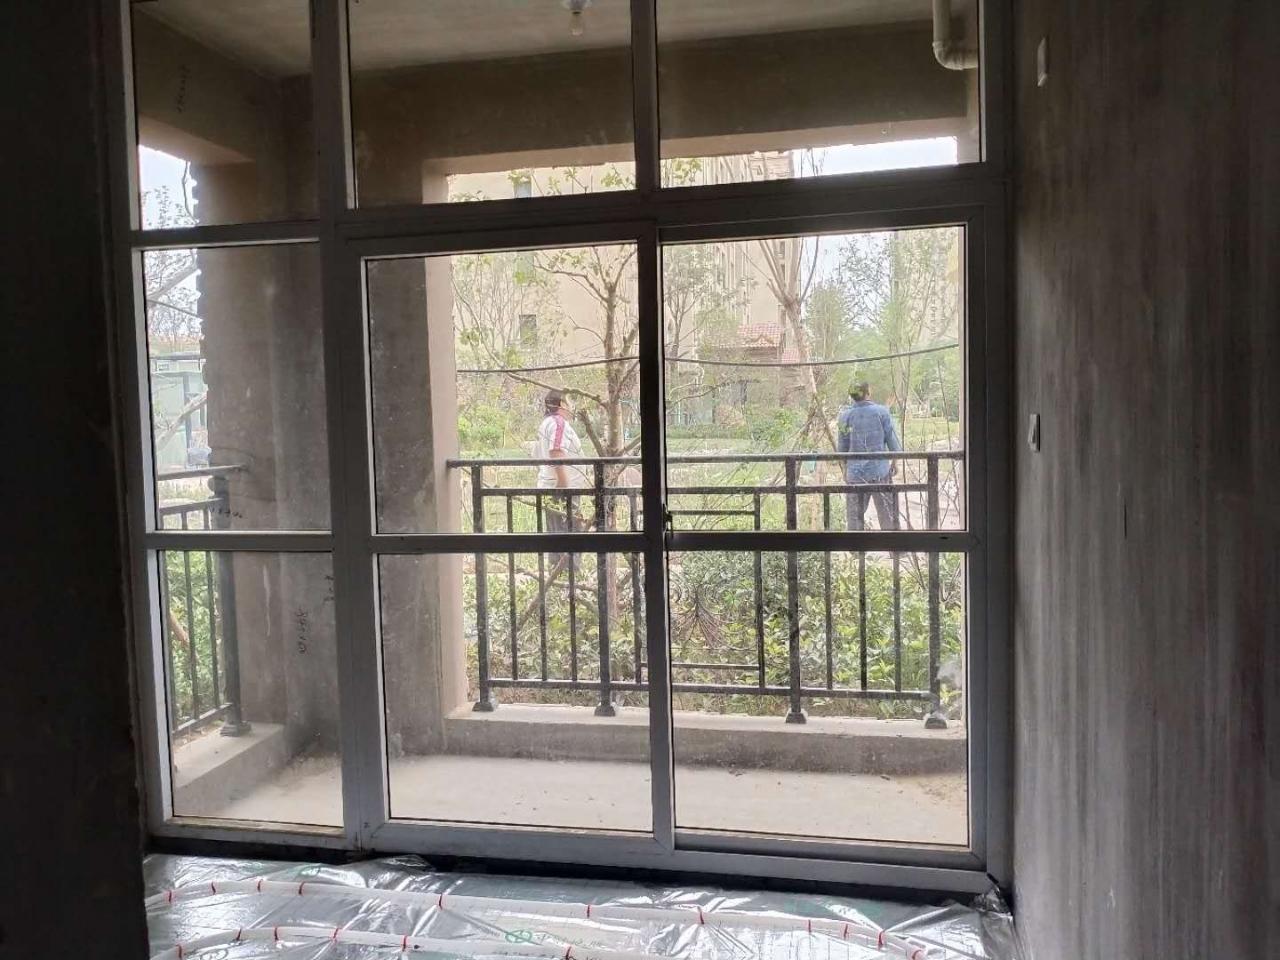 新區西班牙小鎮的3室2廳2衛53萬元